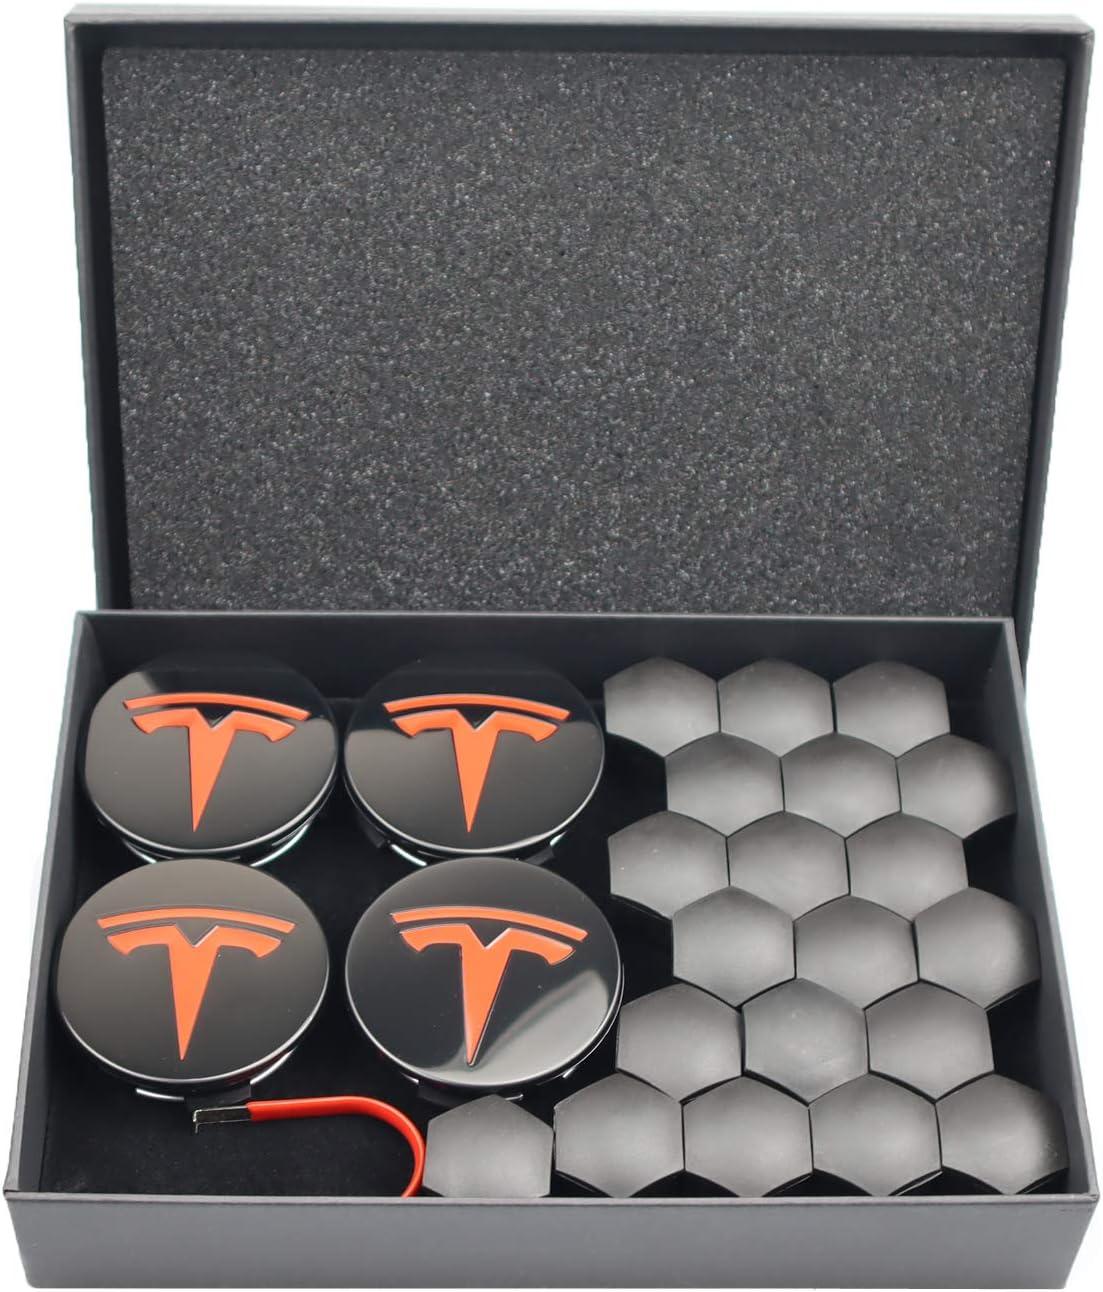 无 Wheel Cap Hub Caps kit for Tesla Model 3 Center Hub Cap with Logo fit and 20 Wheel Lug Nut Cover Red